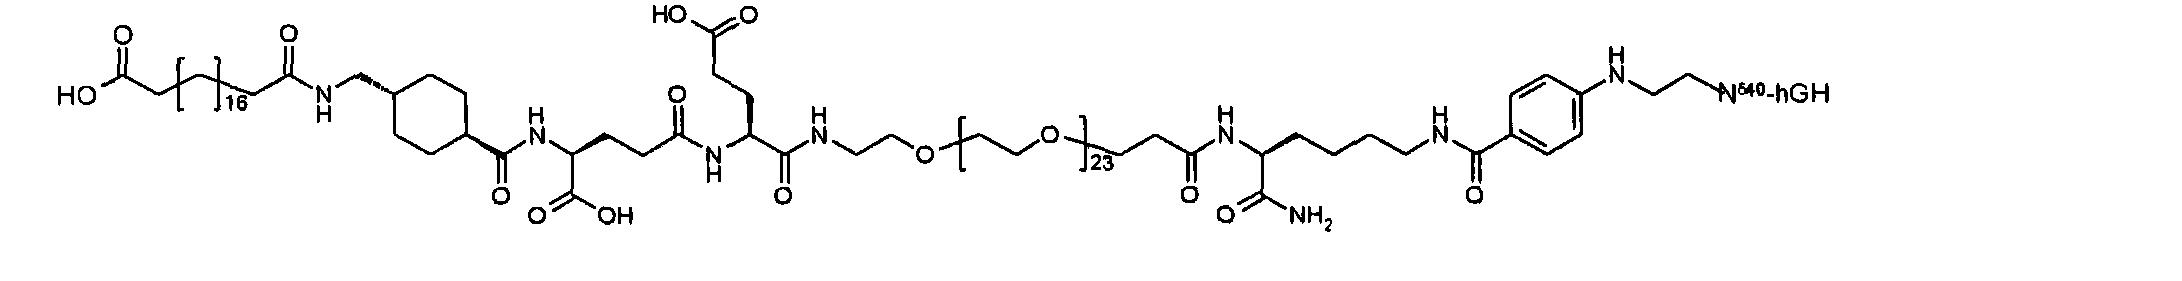 Figure CN102112157BD00672